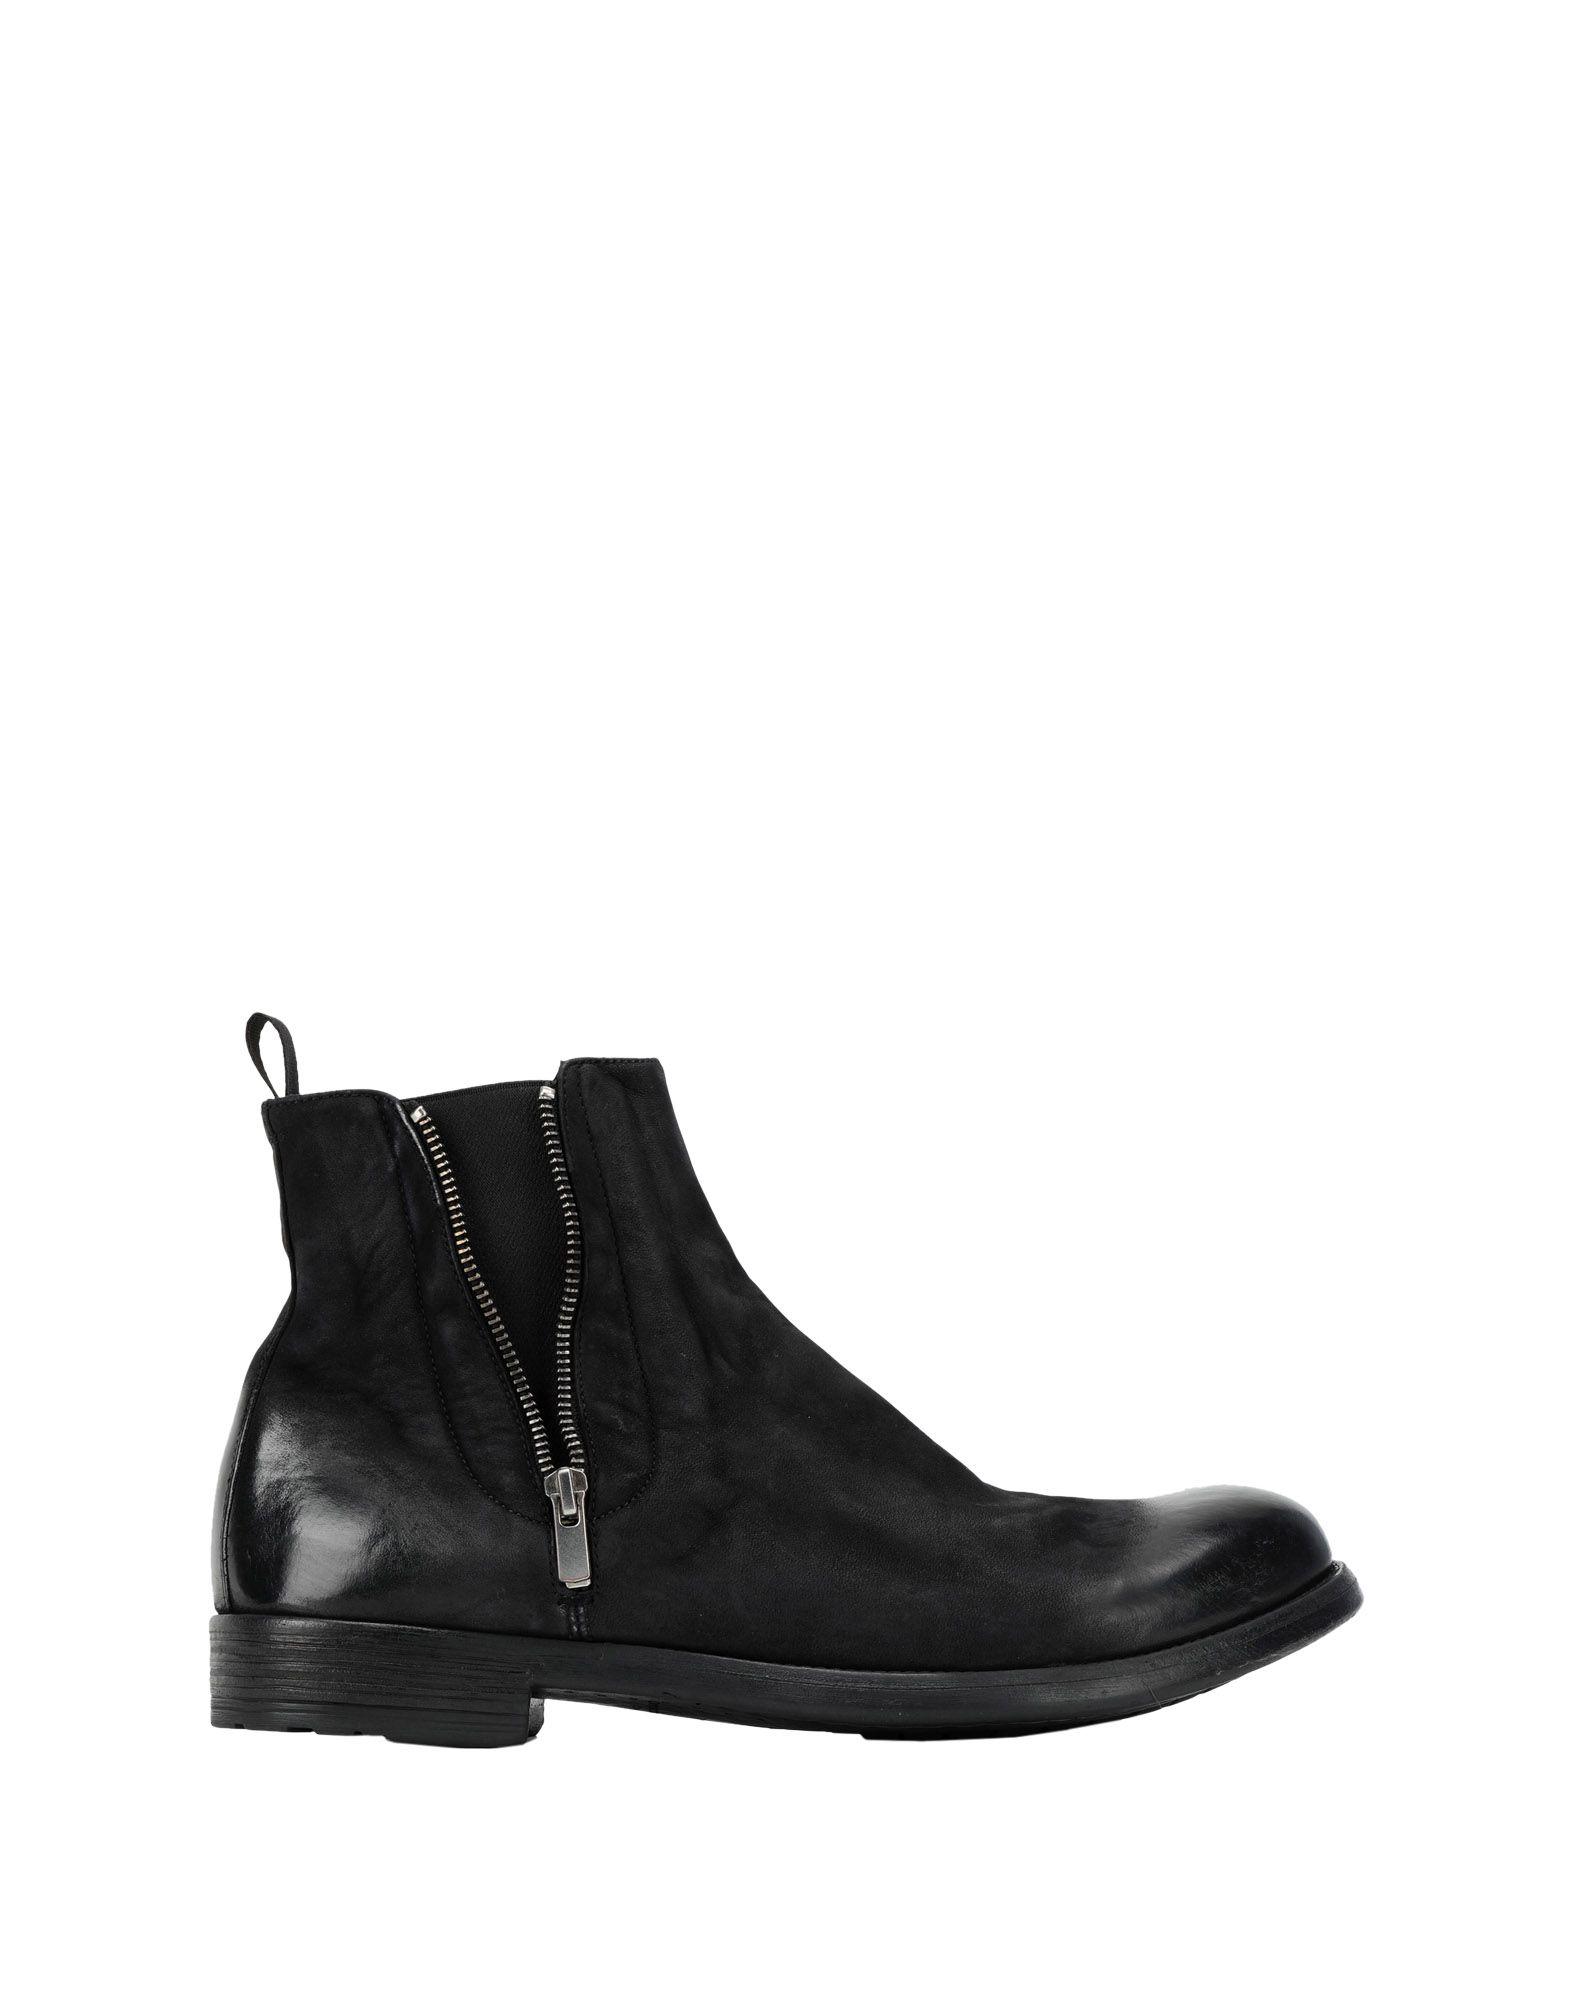 Officine Creative Italia Stiefelette Herren  11552580PG Gute Qualität beliebte Schuhe